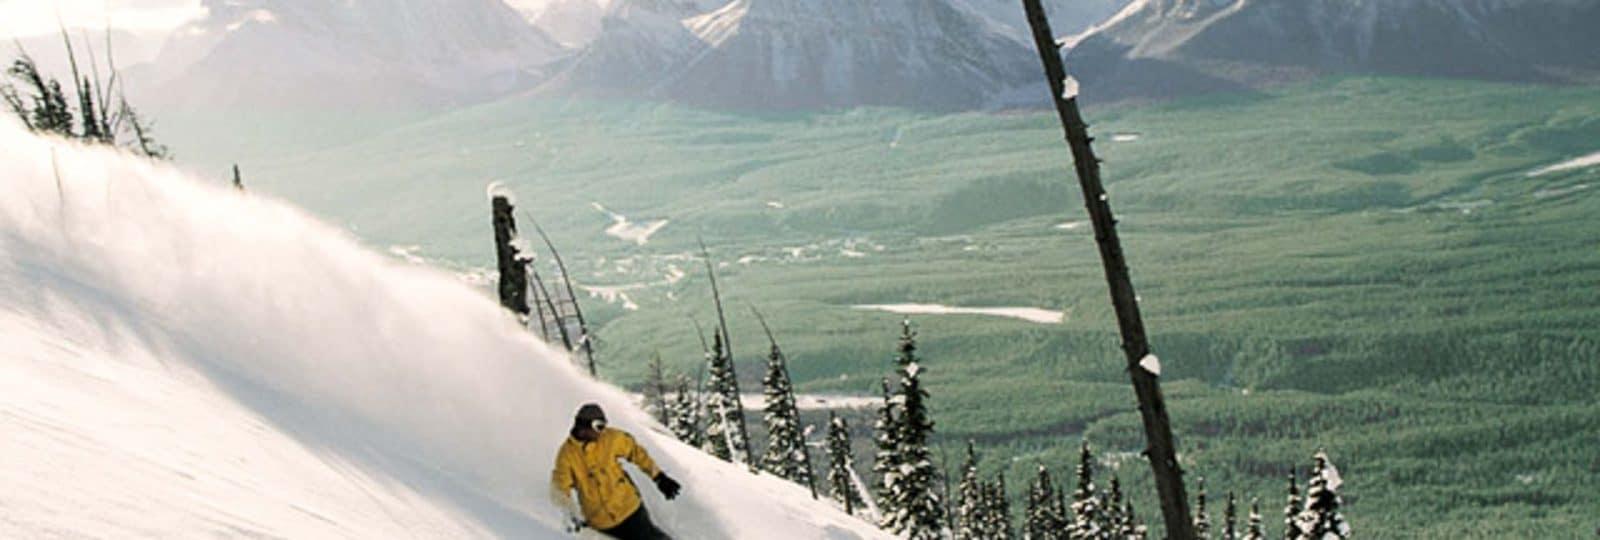 Skifahren in einer anderen Dimension – ein geführtes Skiabenteuer